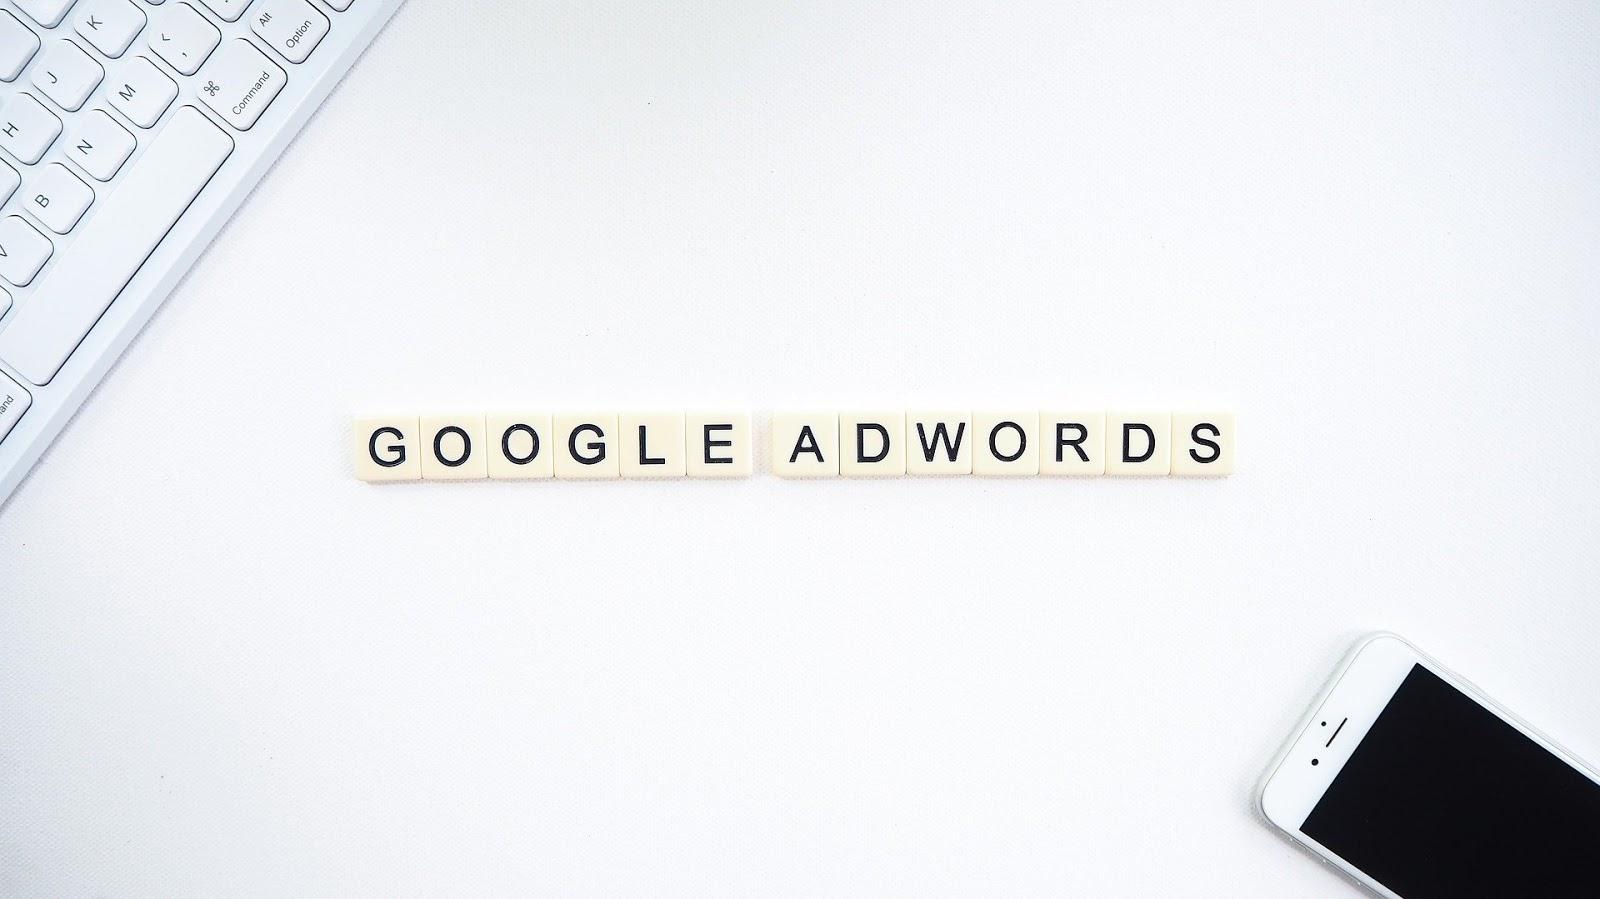 google adwords - mettre en place une publicité facebook